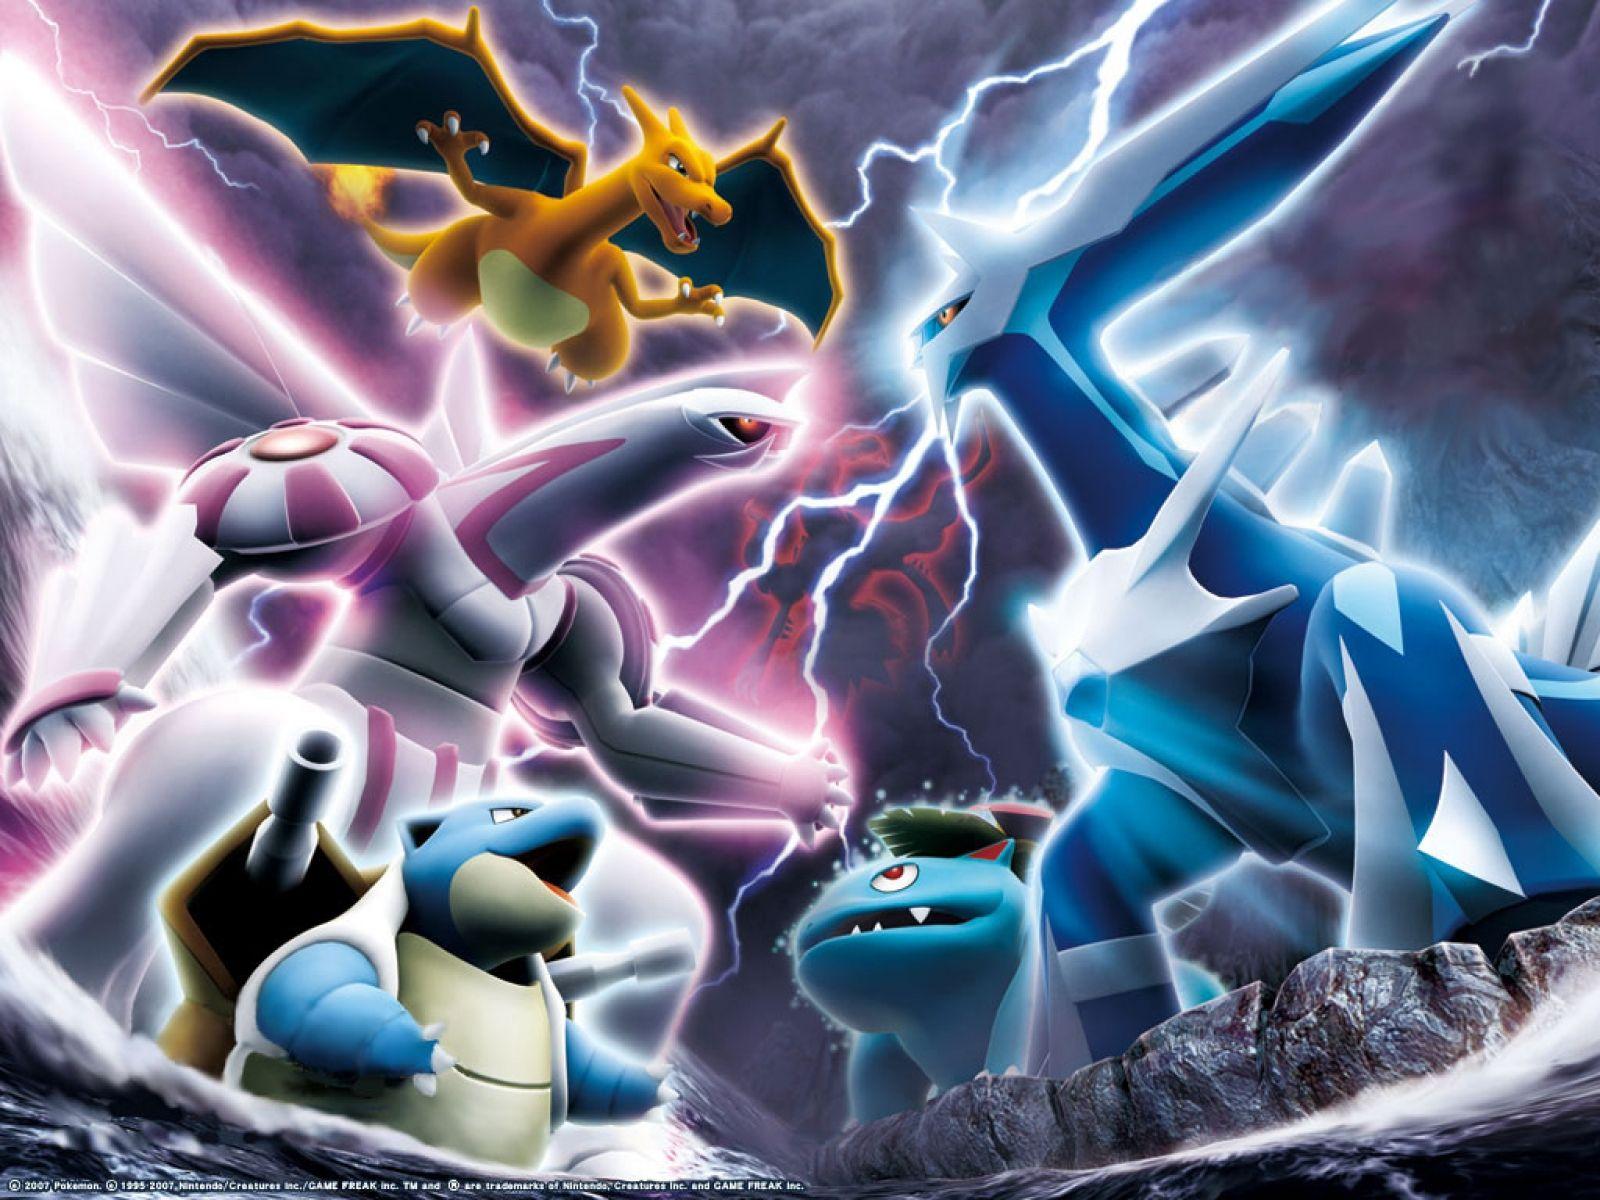 dialga and palkia | Animal crossing QR codes | Pokemon quiz